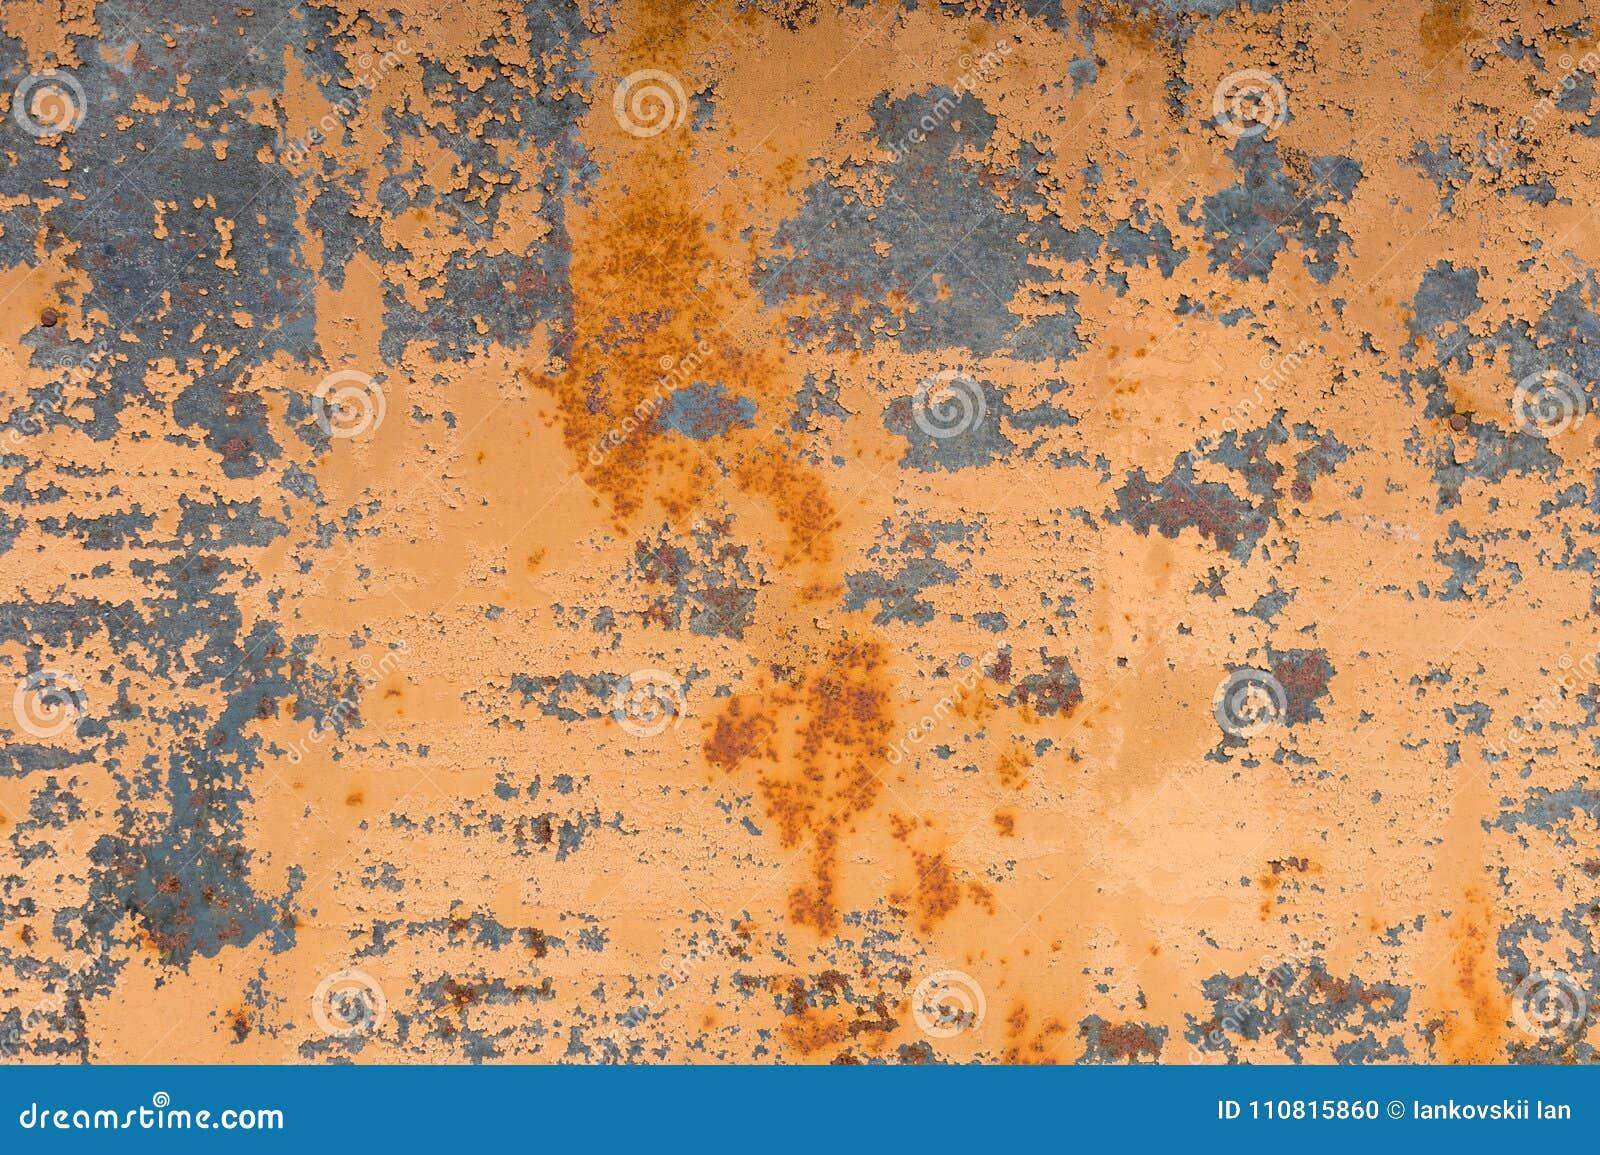 Texturerad bakgrund av en urblekt gul målarfärg med rostade sprickor på rostad metall Grungetextur av en gammal sprucken metall